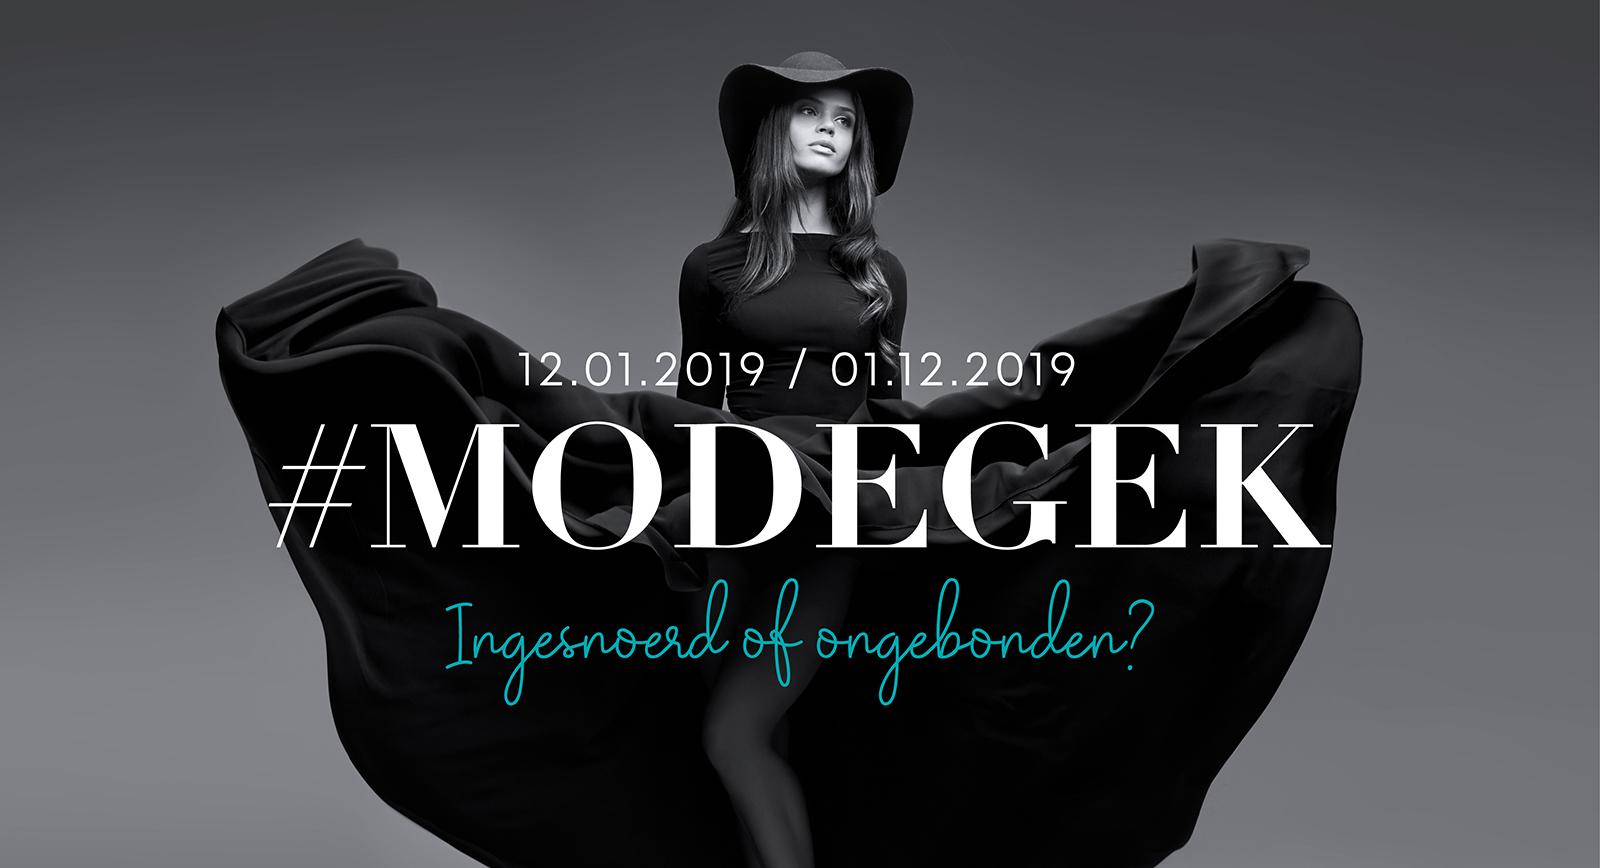 #modegek